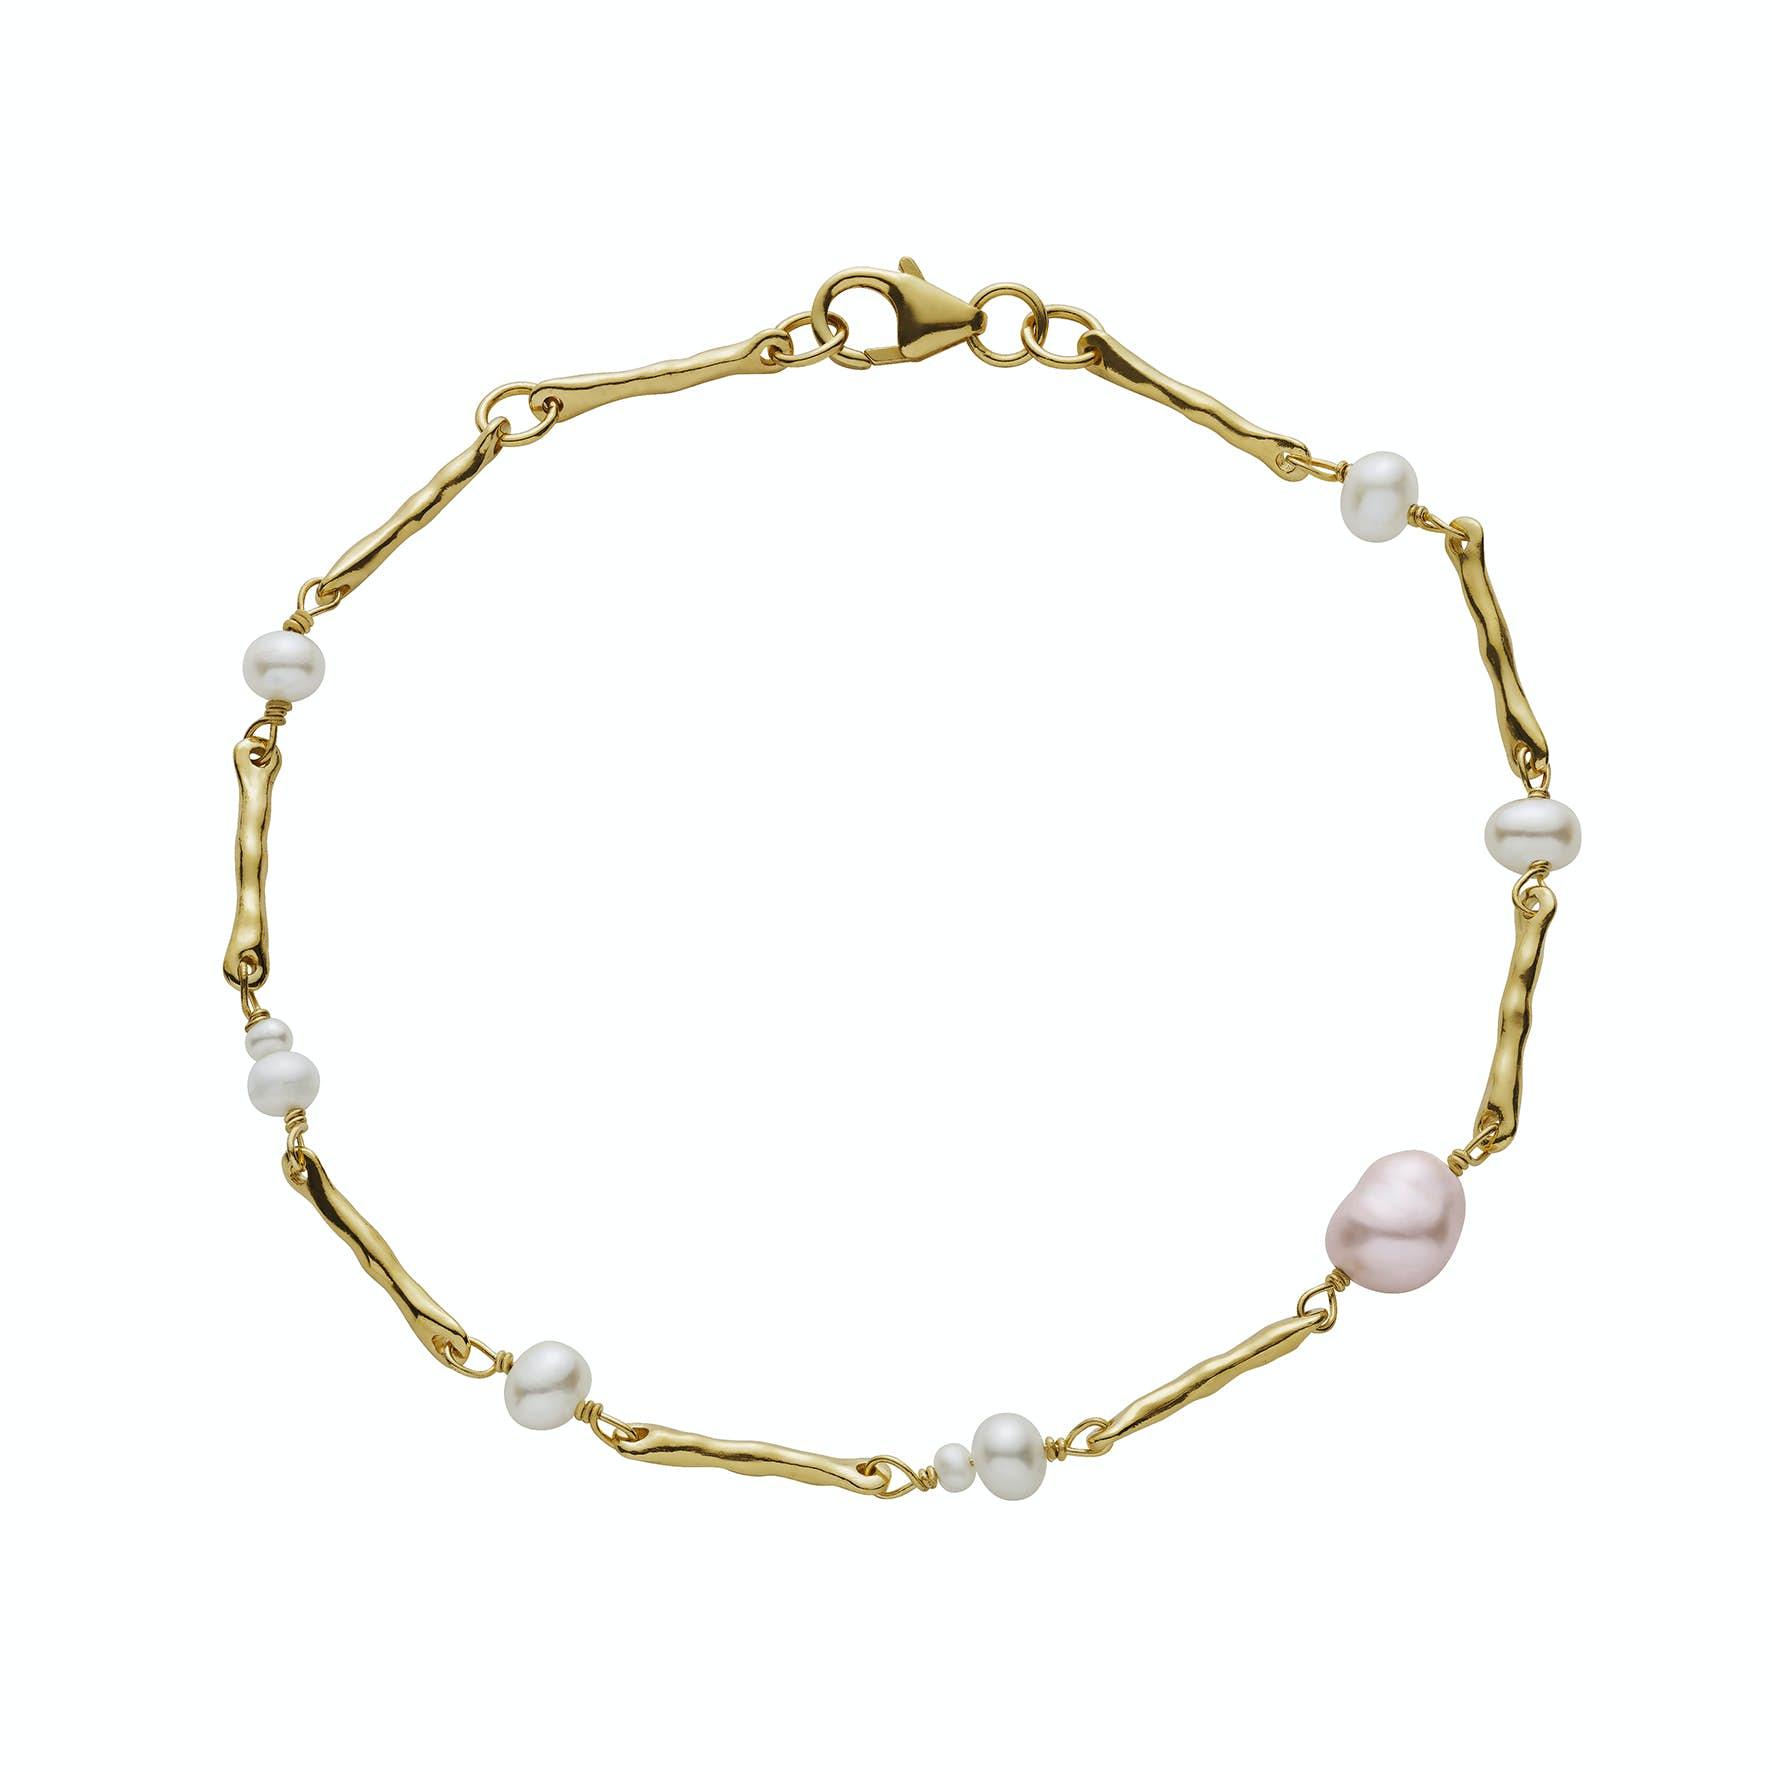 Kadri Bracelet von Maanesten in Vergoldet-Silber Sterling 925|Freshwater Pearl|